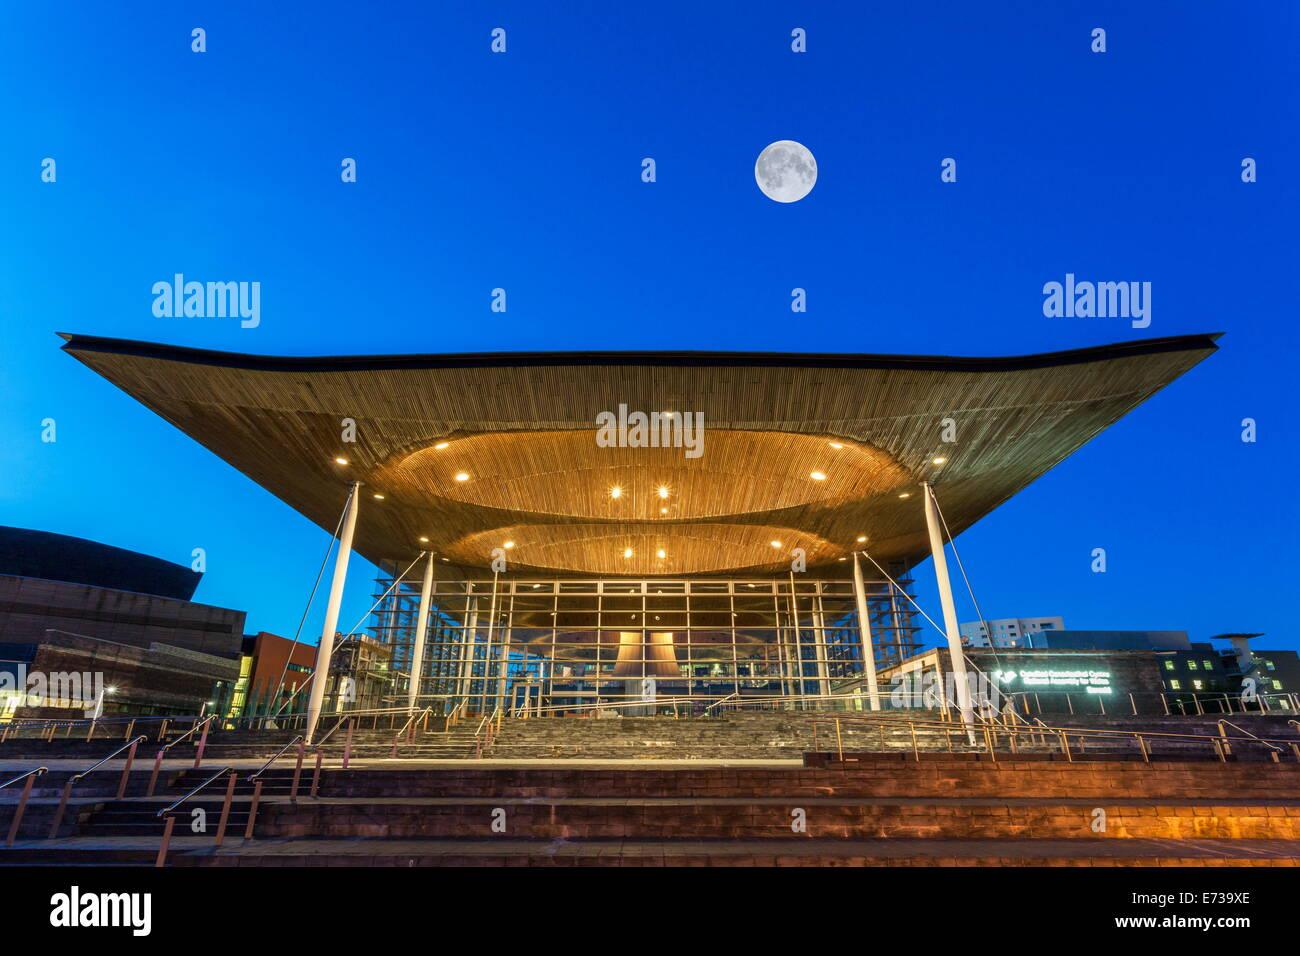 Welsh Assembly (Senedd), Cardiff Bay, Wales, United Kingdom, Europe - Stock Image